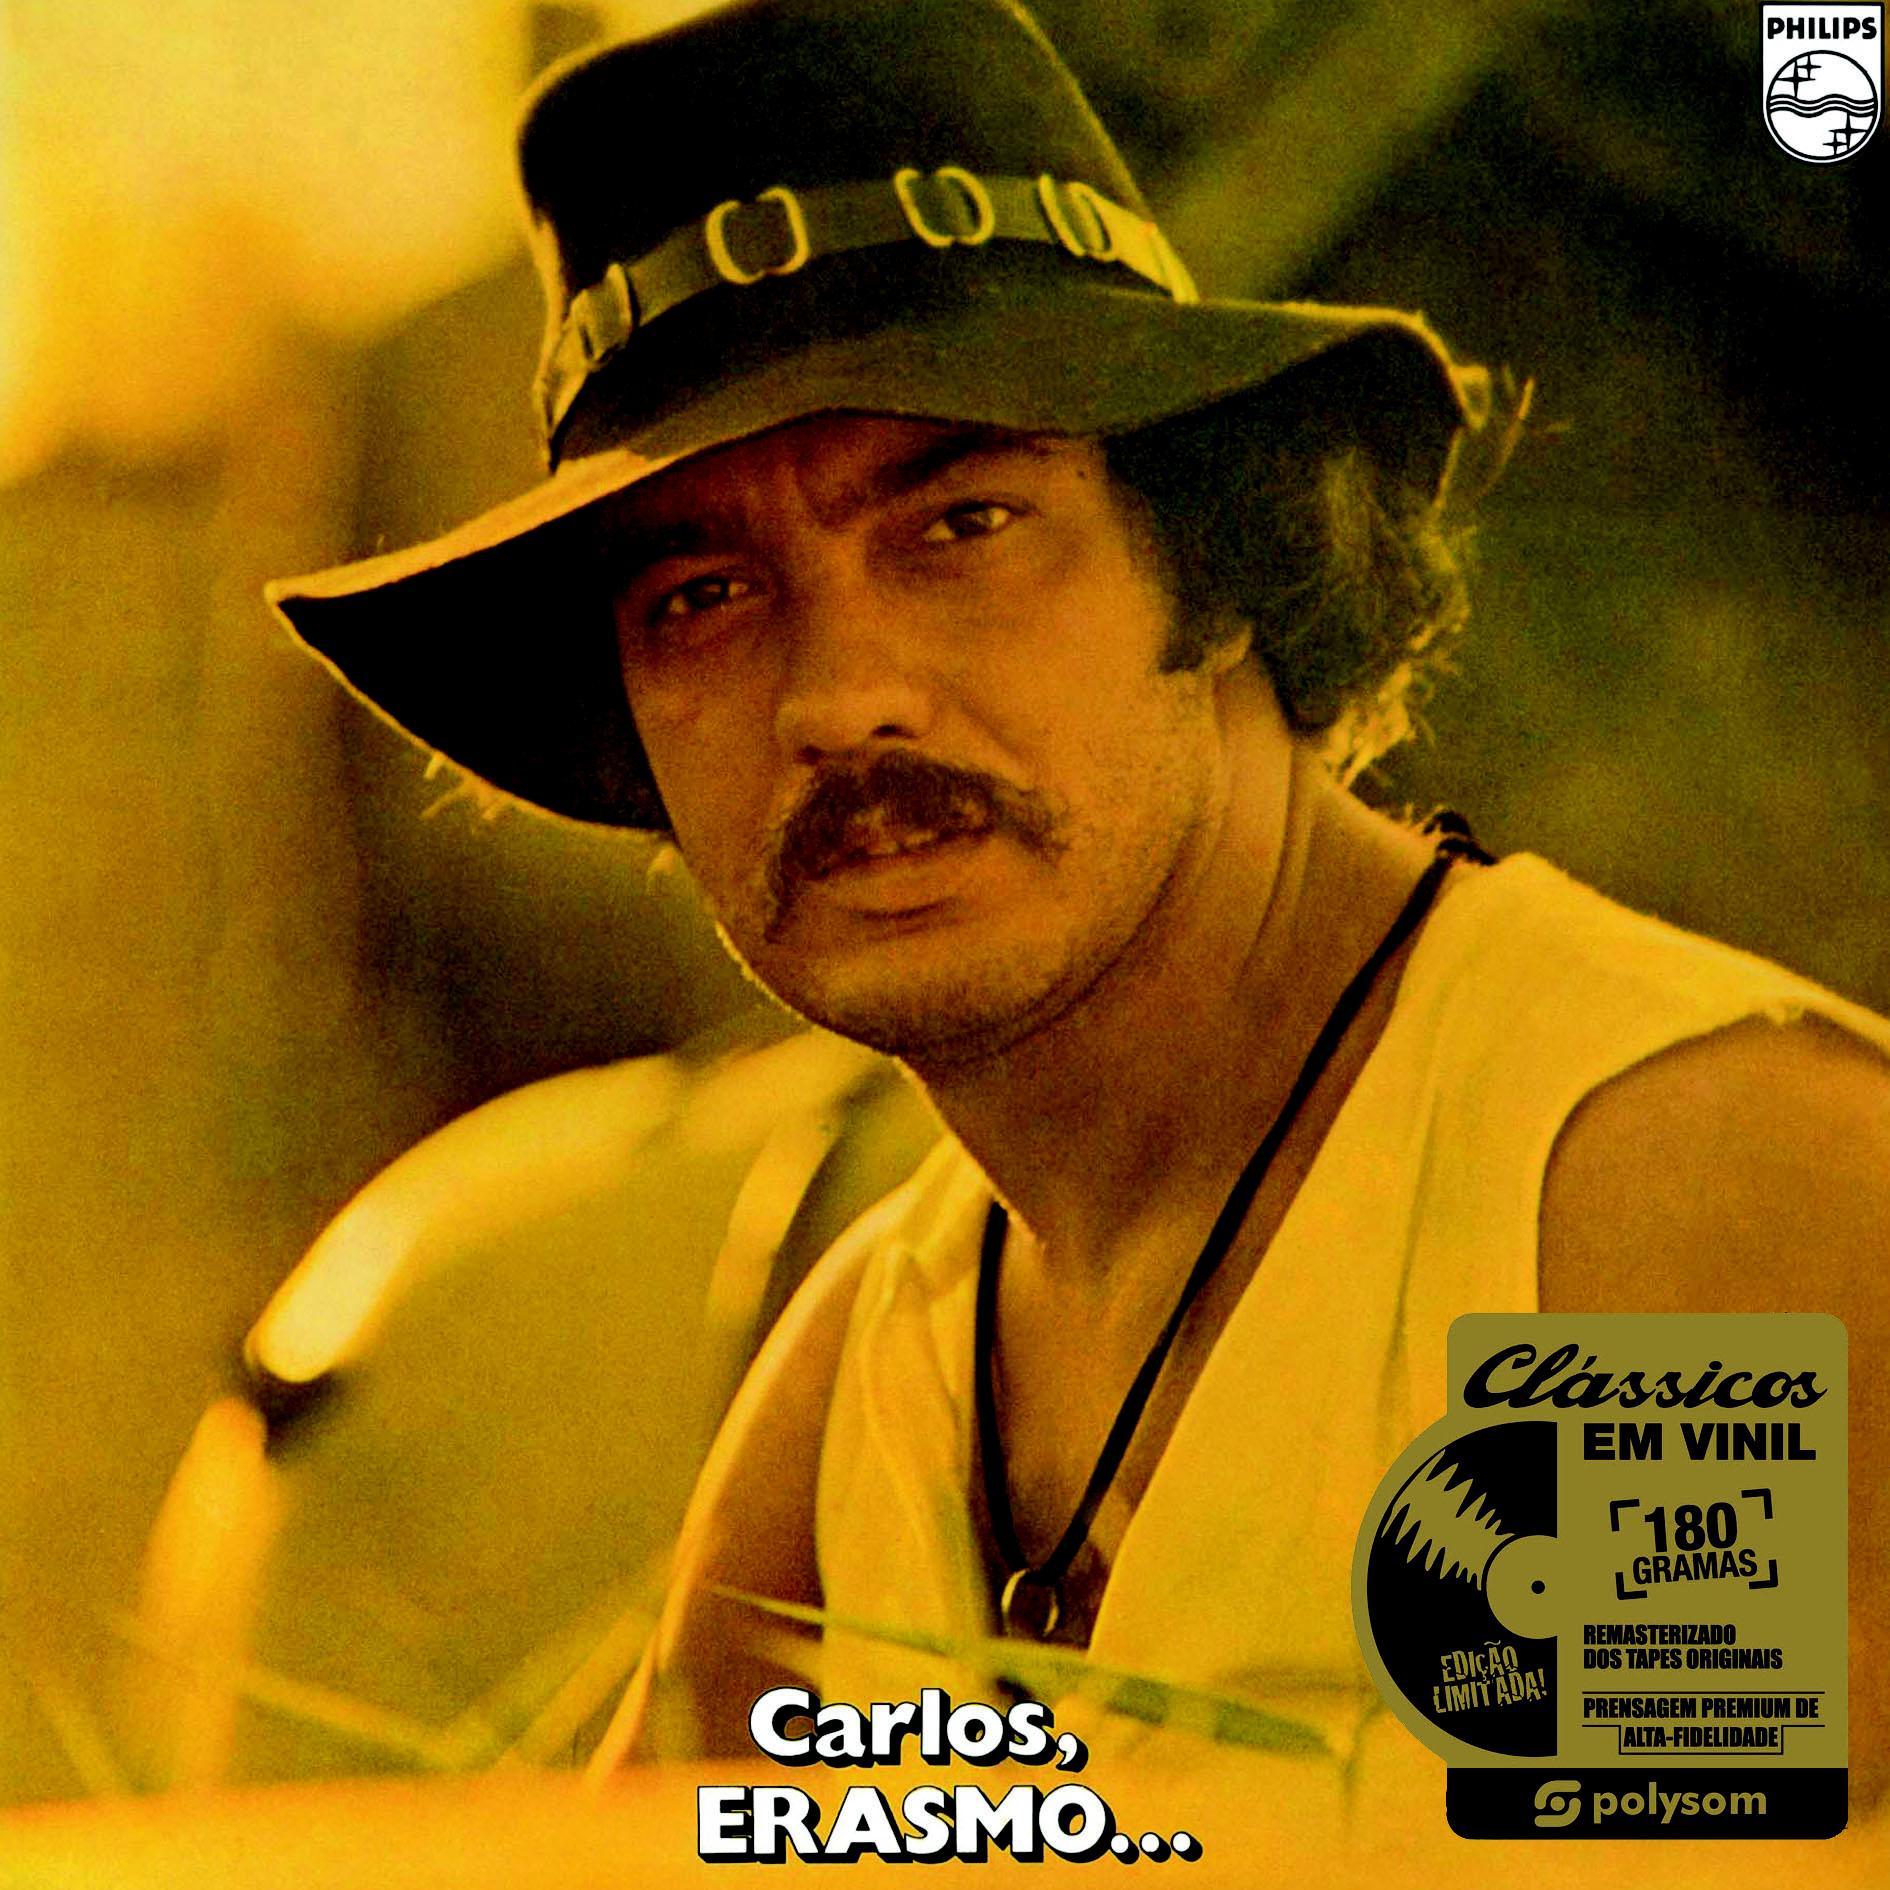 Erasmo Carlos Quot Carlos Erasmo Quot 1971 Light In The Attic